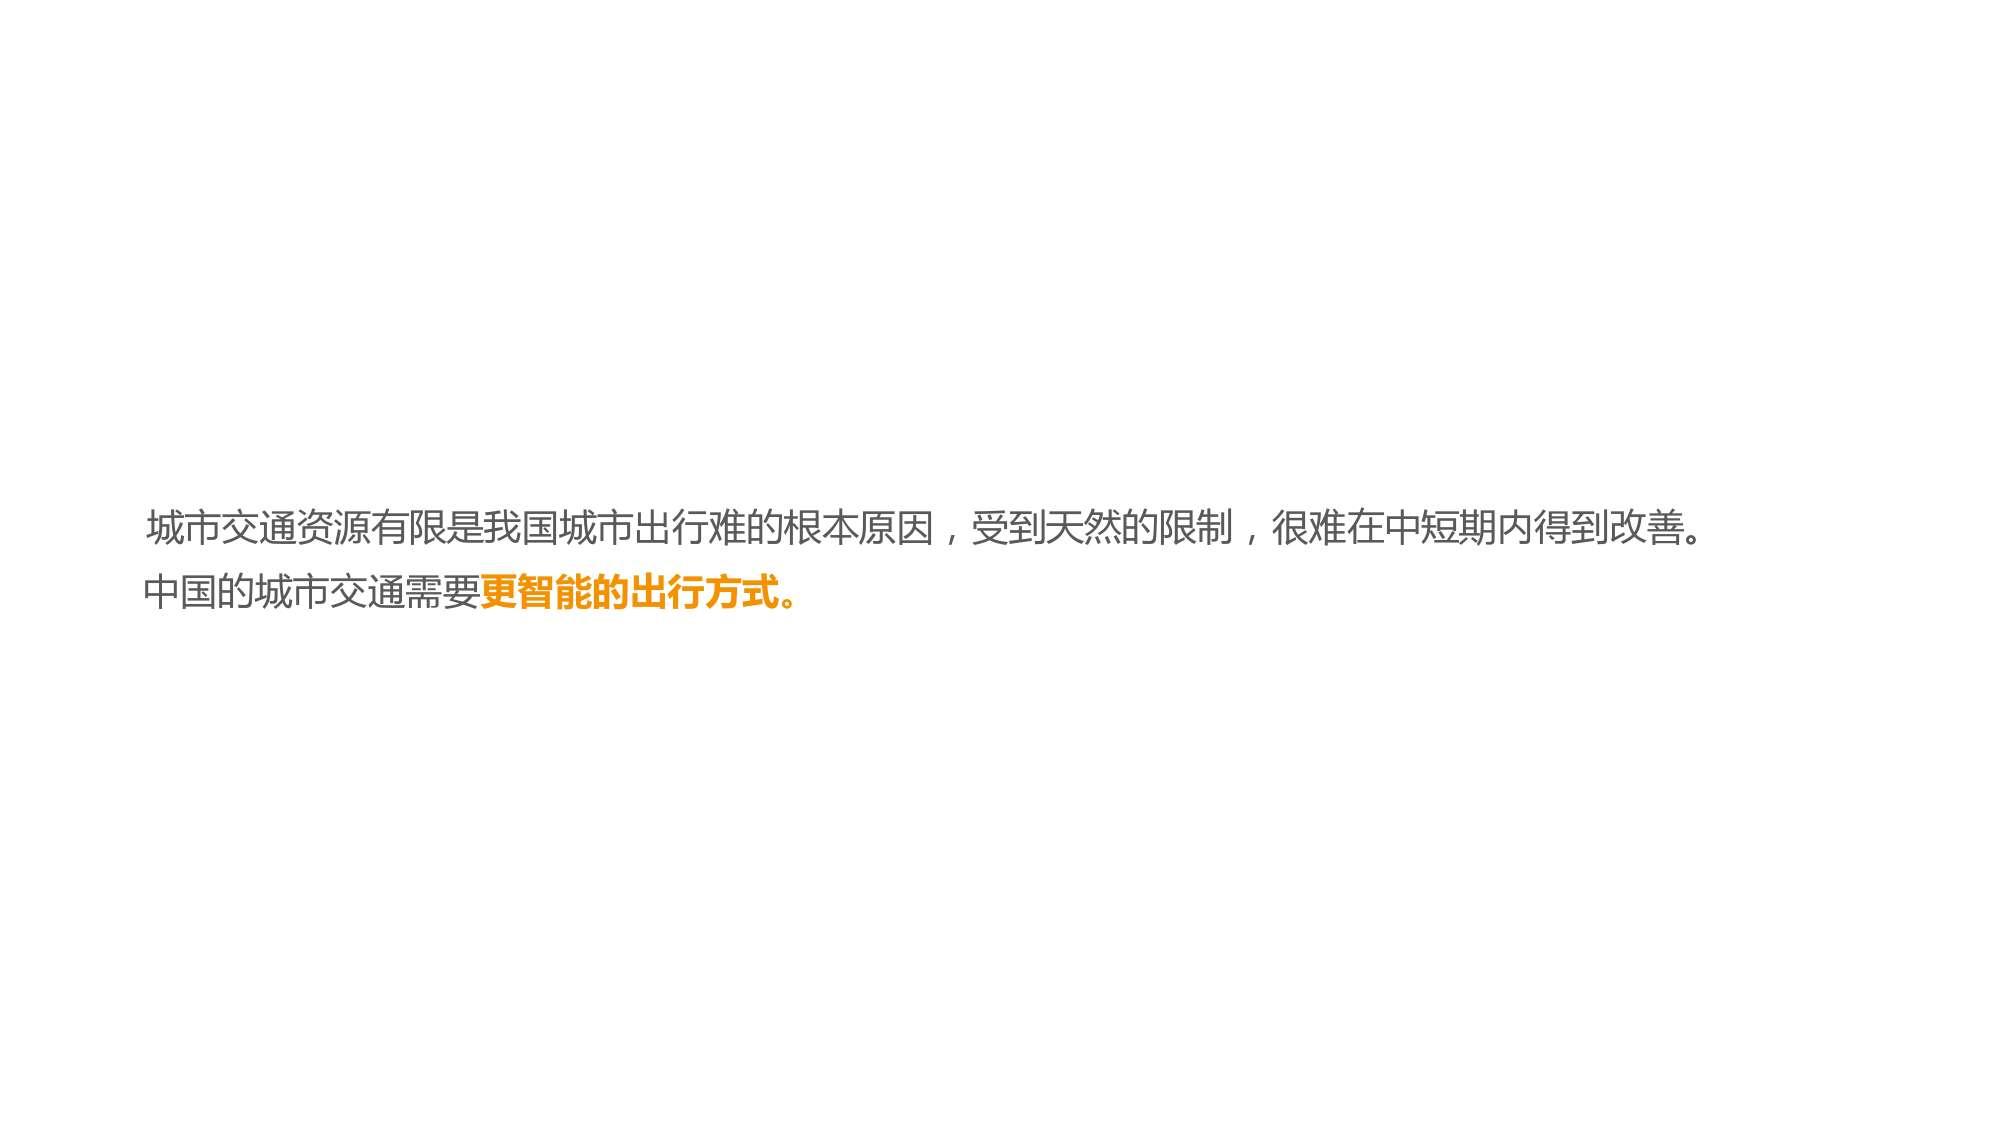 中国智能出行2015大数据报告_000031